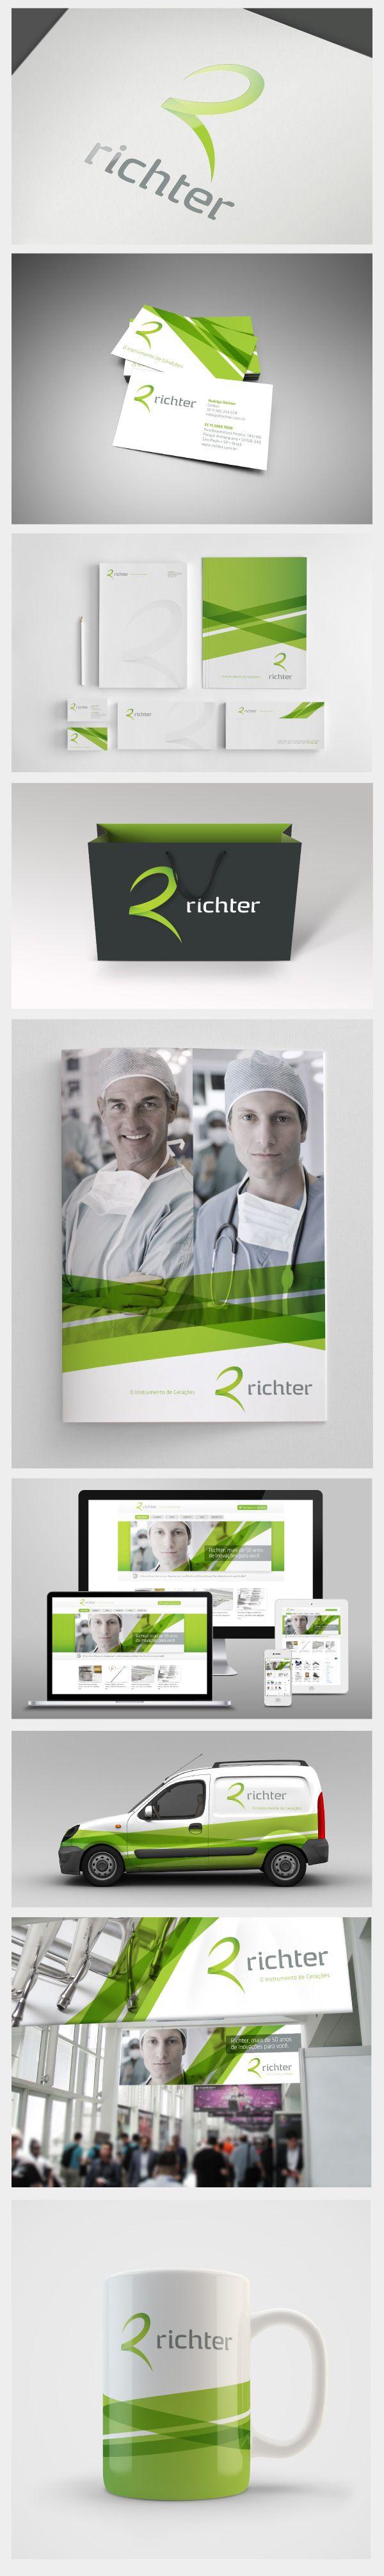 richter branding